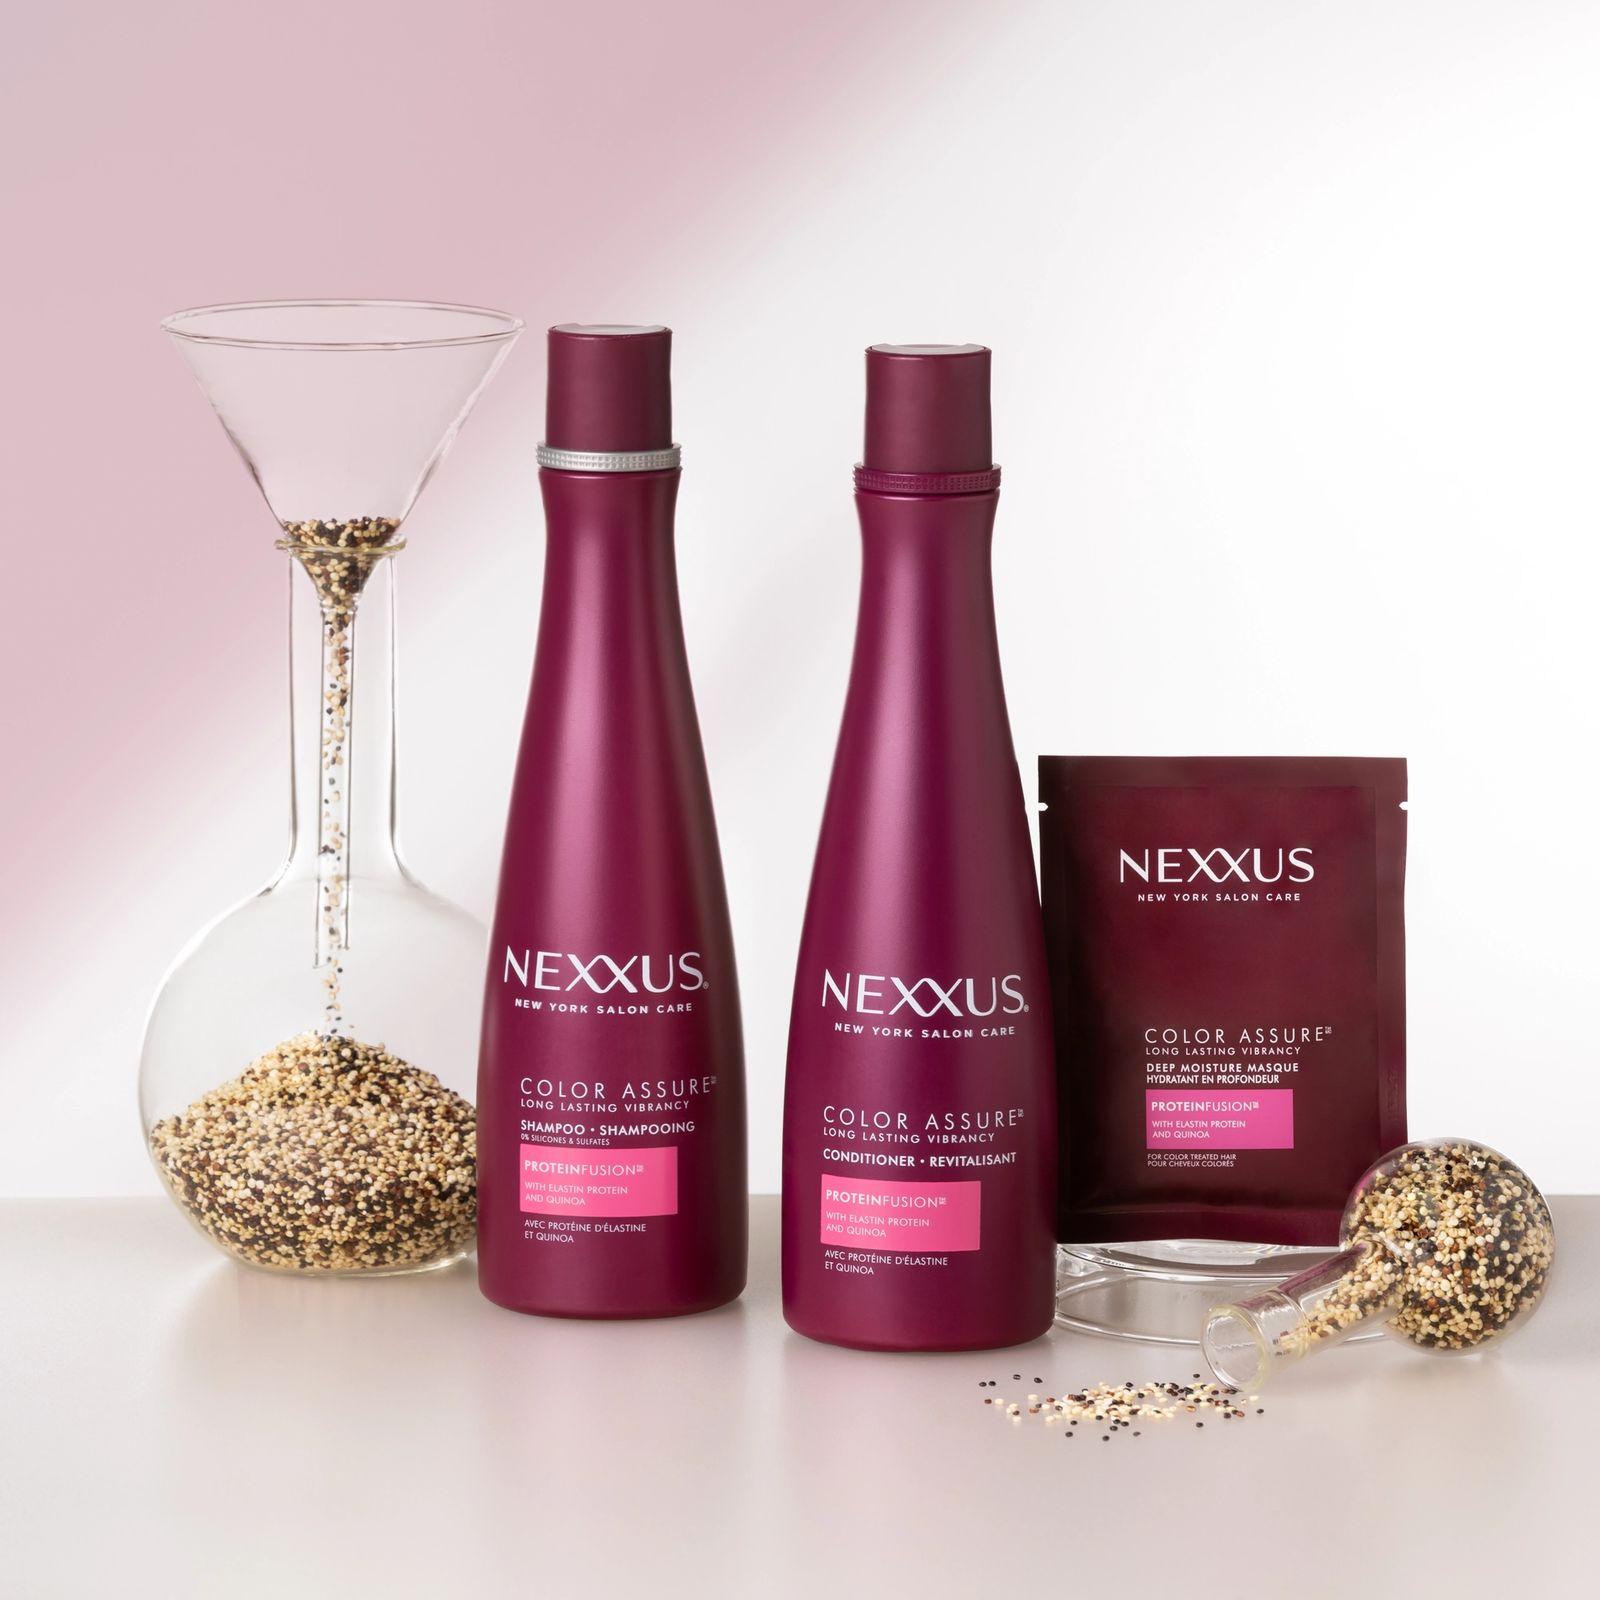 Nexxus Color Assure Product Range Shot